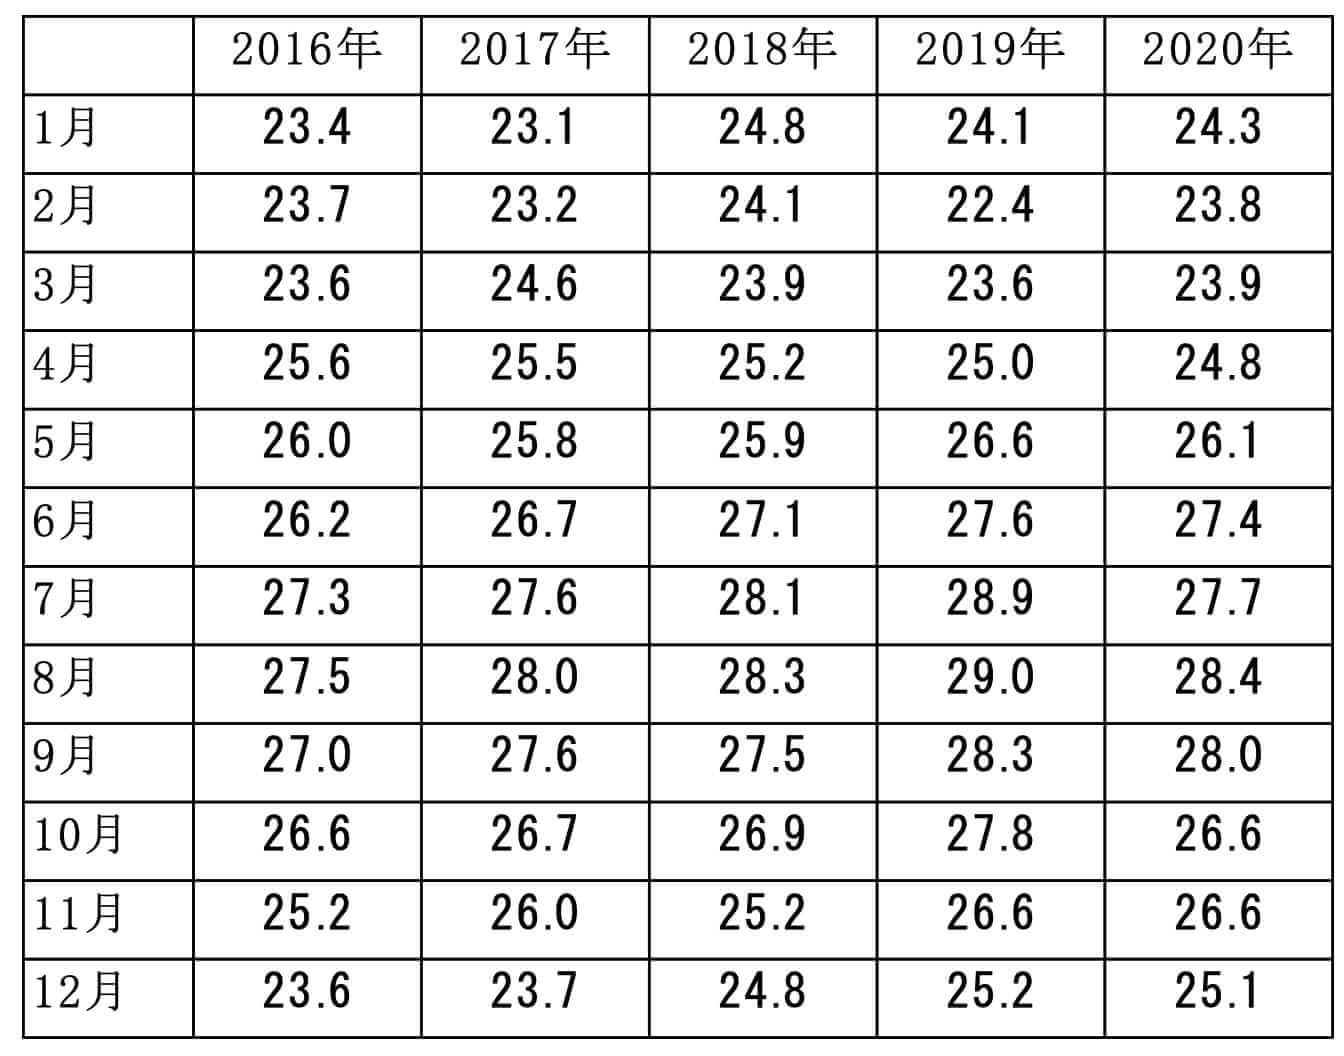 2016年~2020年のハワイのホノルルの各月の平均気温のデータ  資料:気象庁 世界の天候データツール